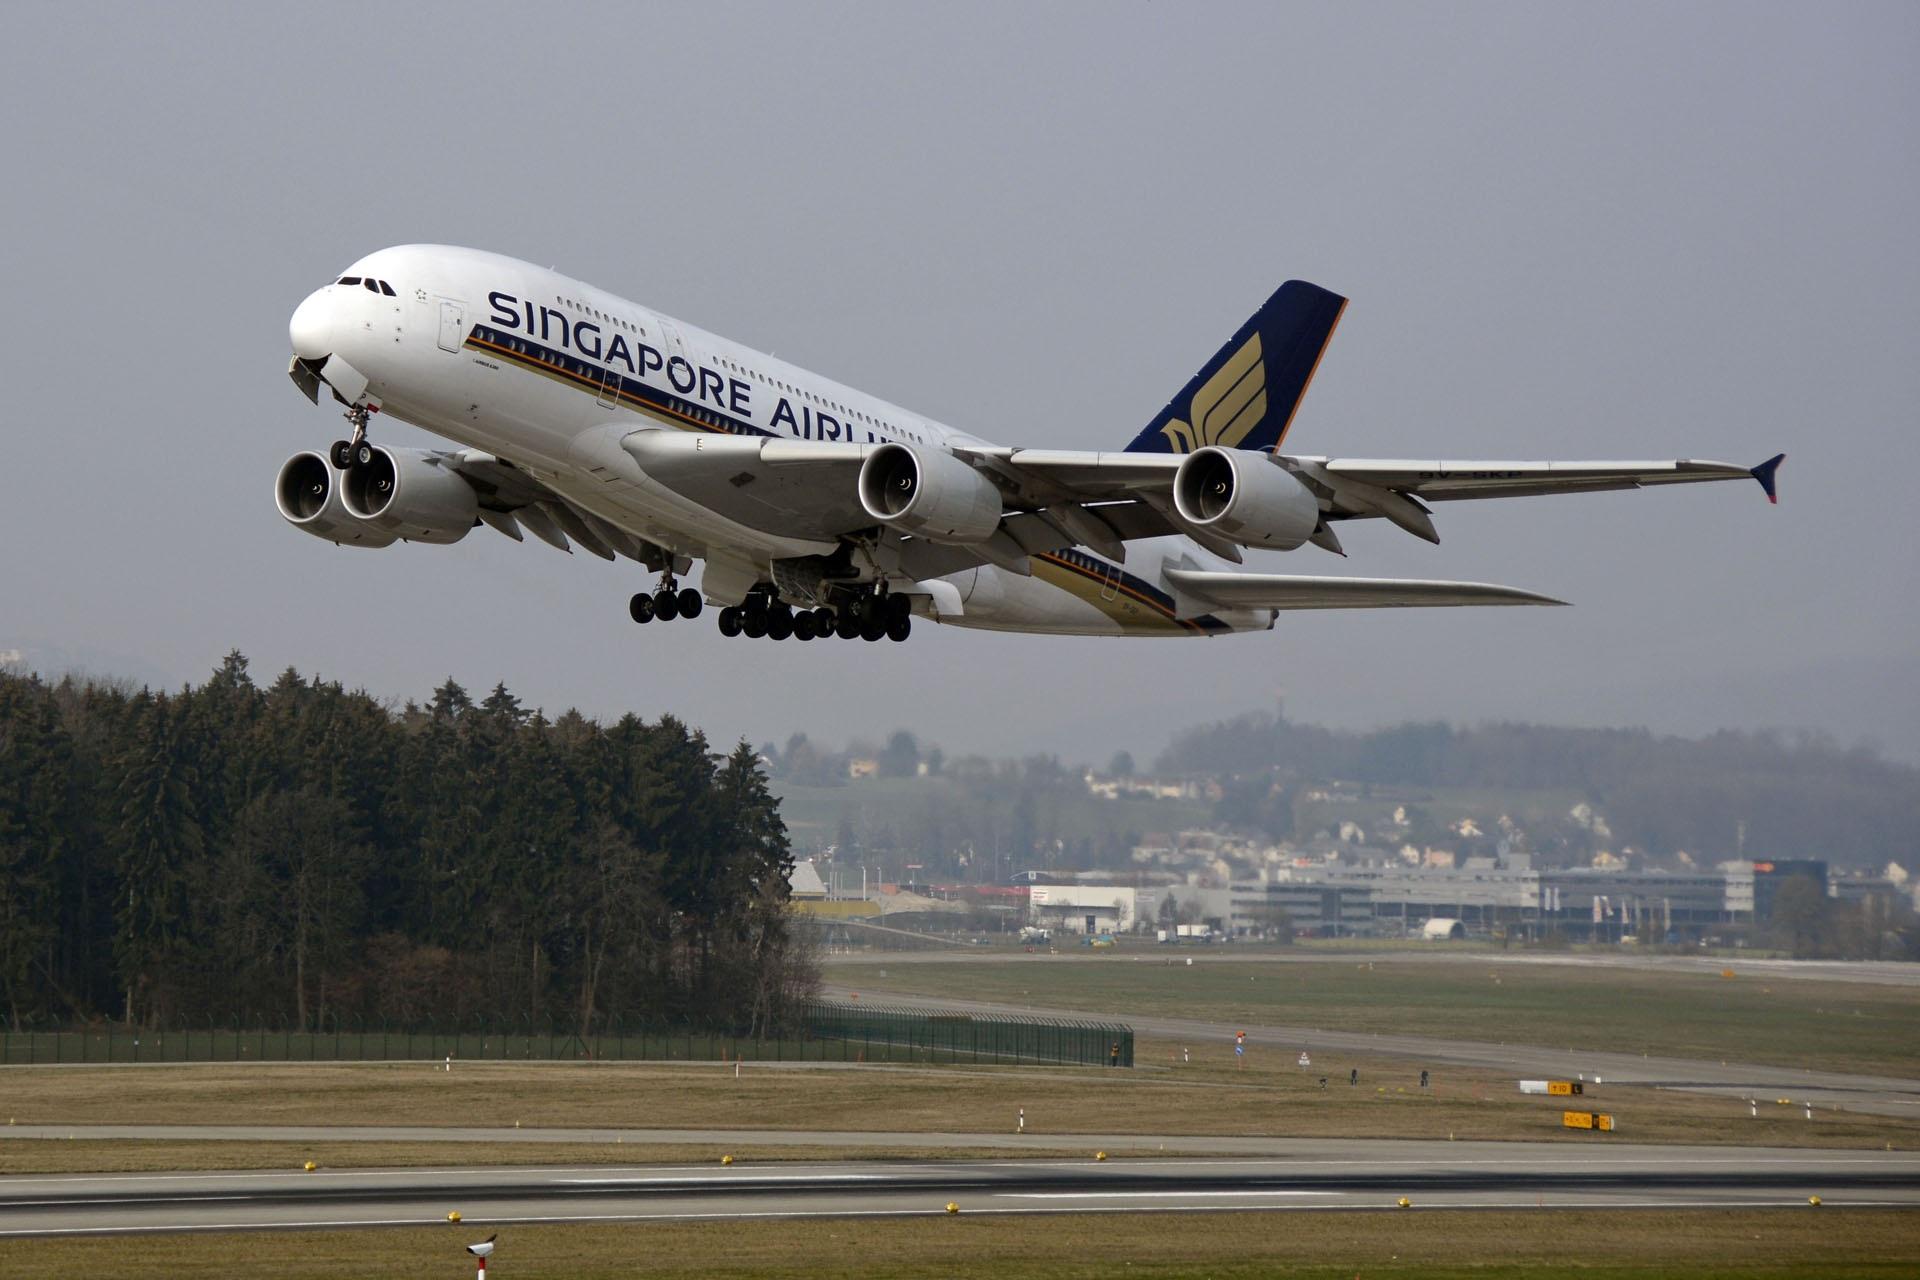 aircraft-1456706